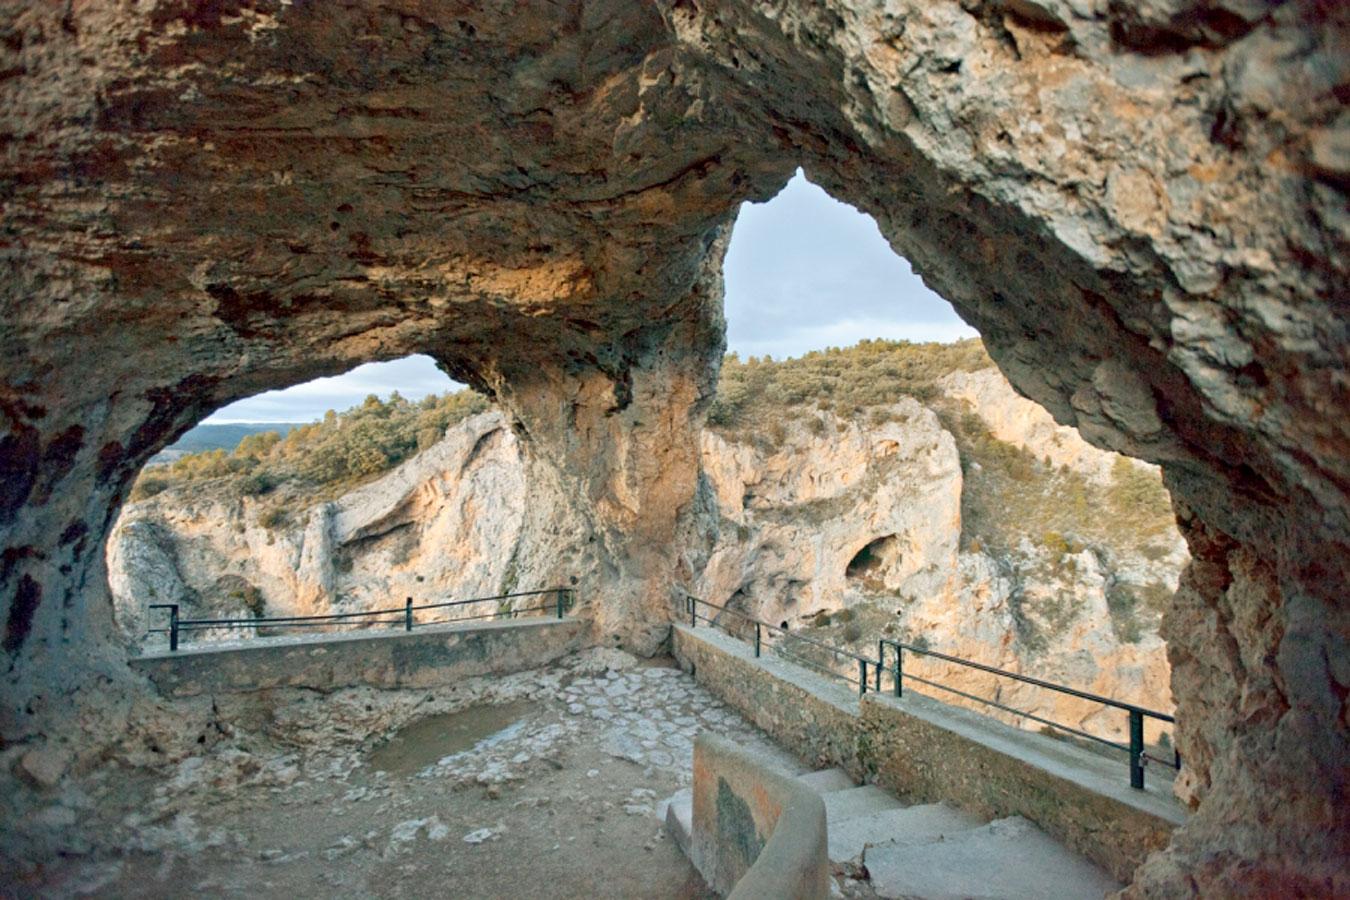 Las vistas desde esta maravilla de la serranía de Cuenca, quedan siempre en el recuerdo